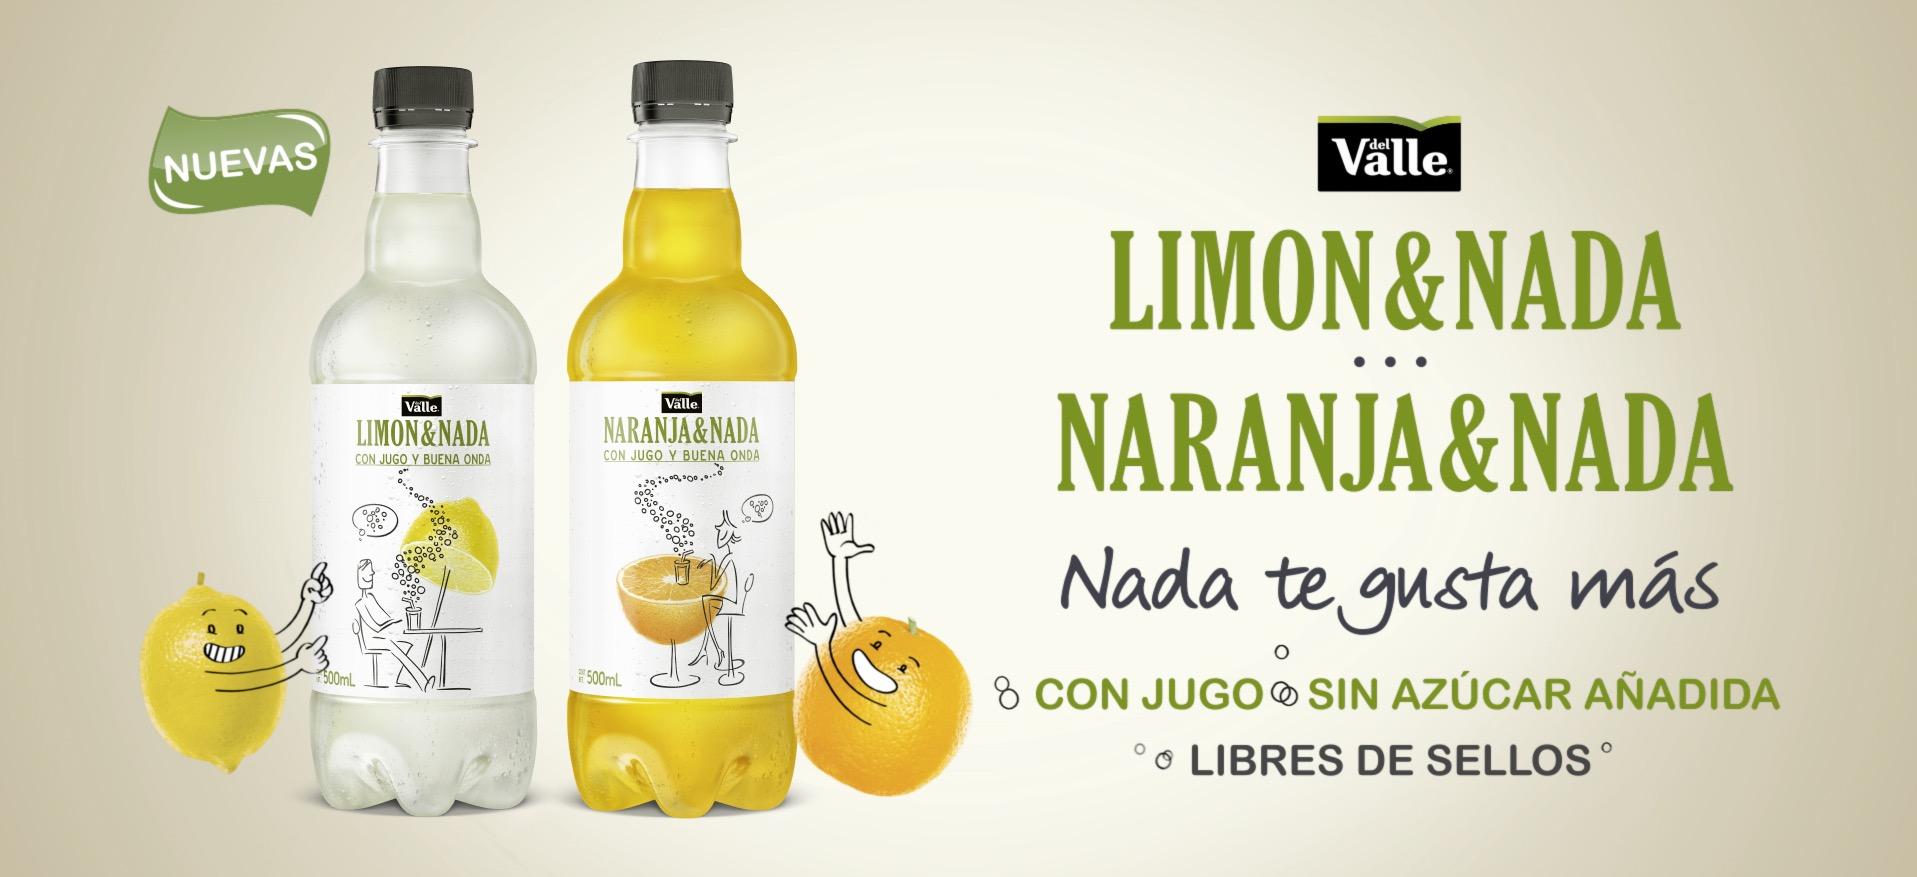 Limón & Nada - Campaña